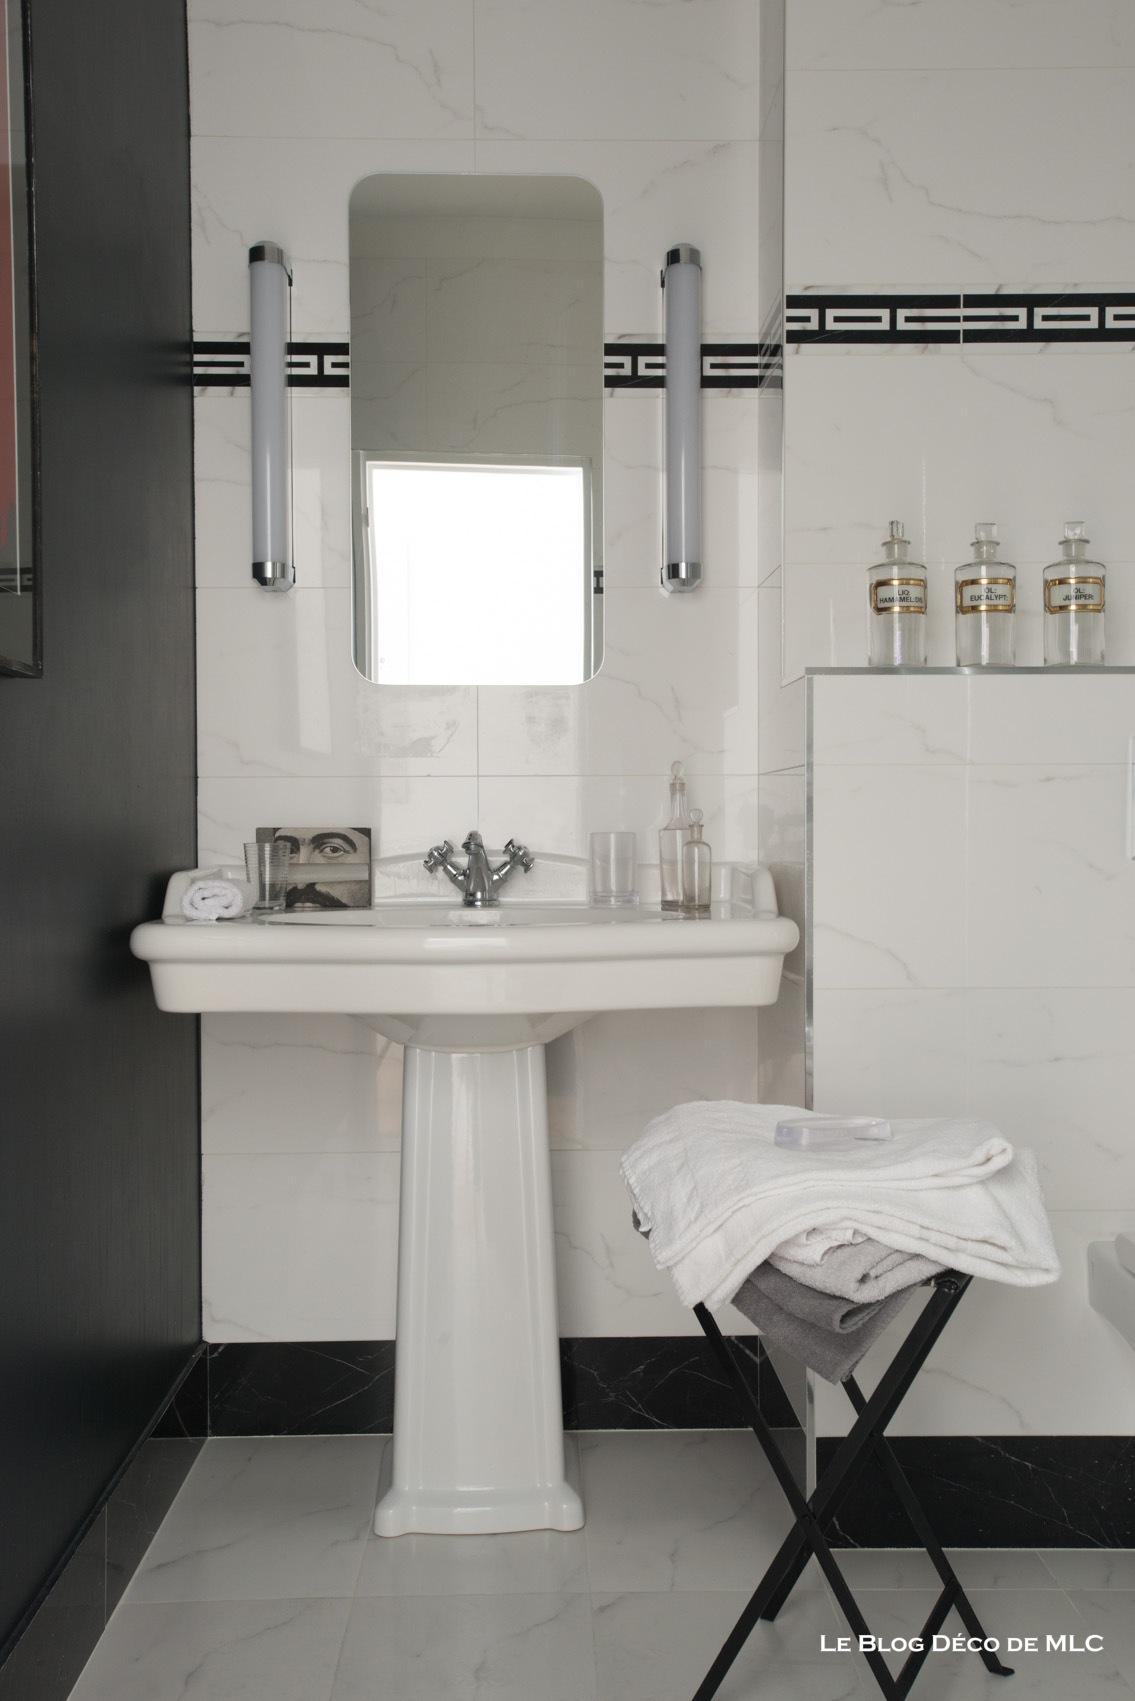 leblogdecodemlc.com/wp-content/uploads/2015/02/Salle-de-bain-ma-sélection-de-lavabo-et-de-douche-lavabo-colonne.jpg